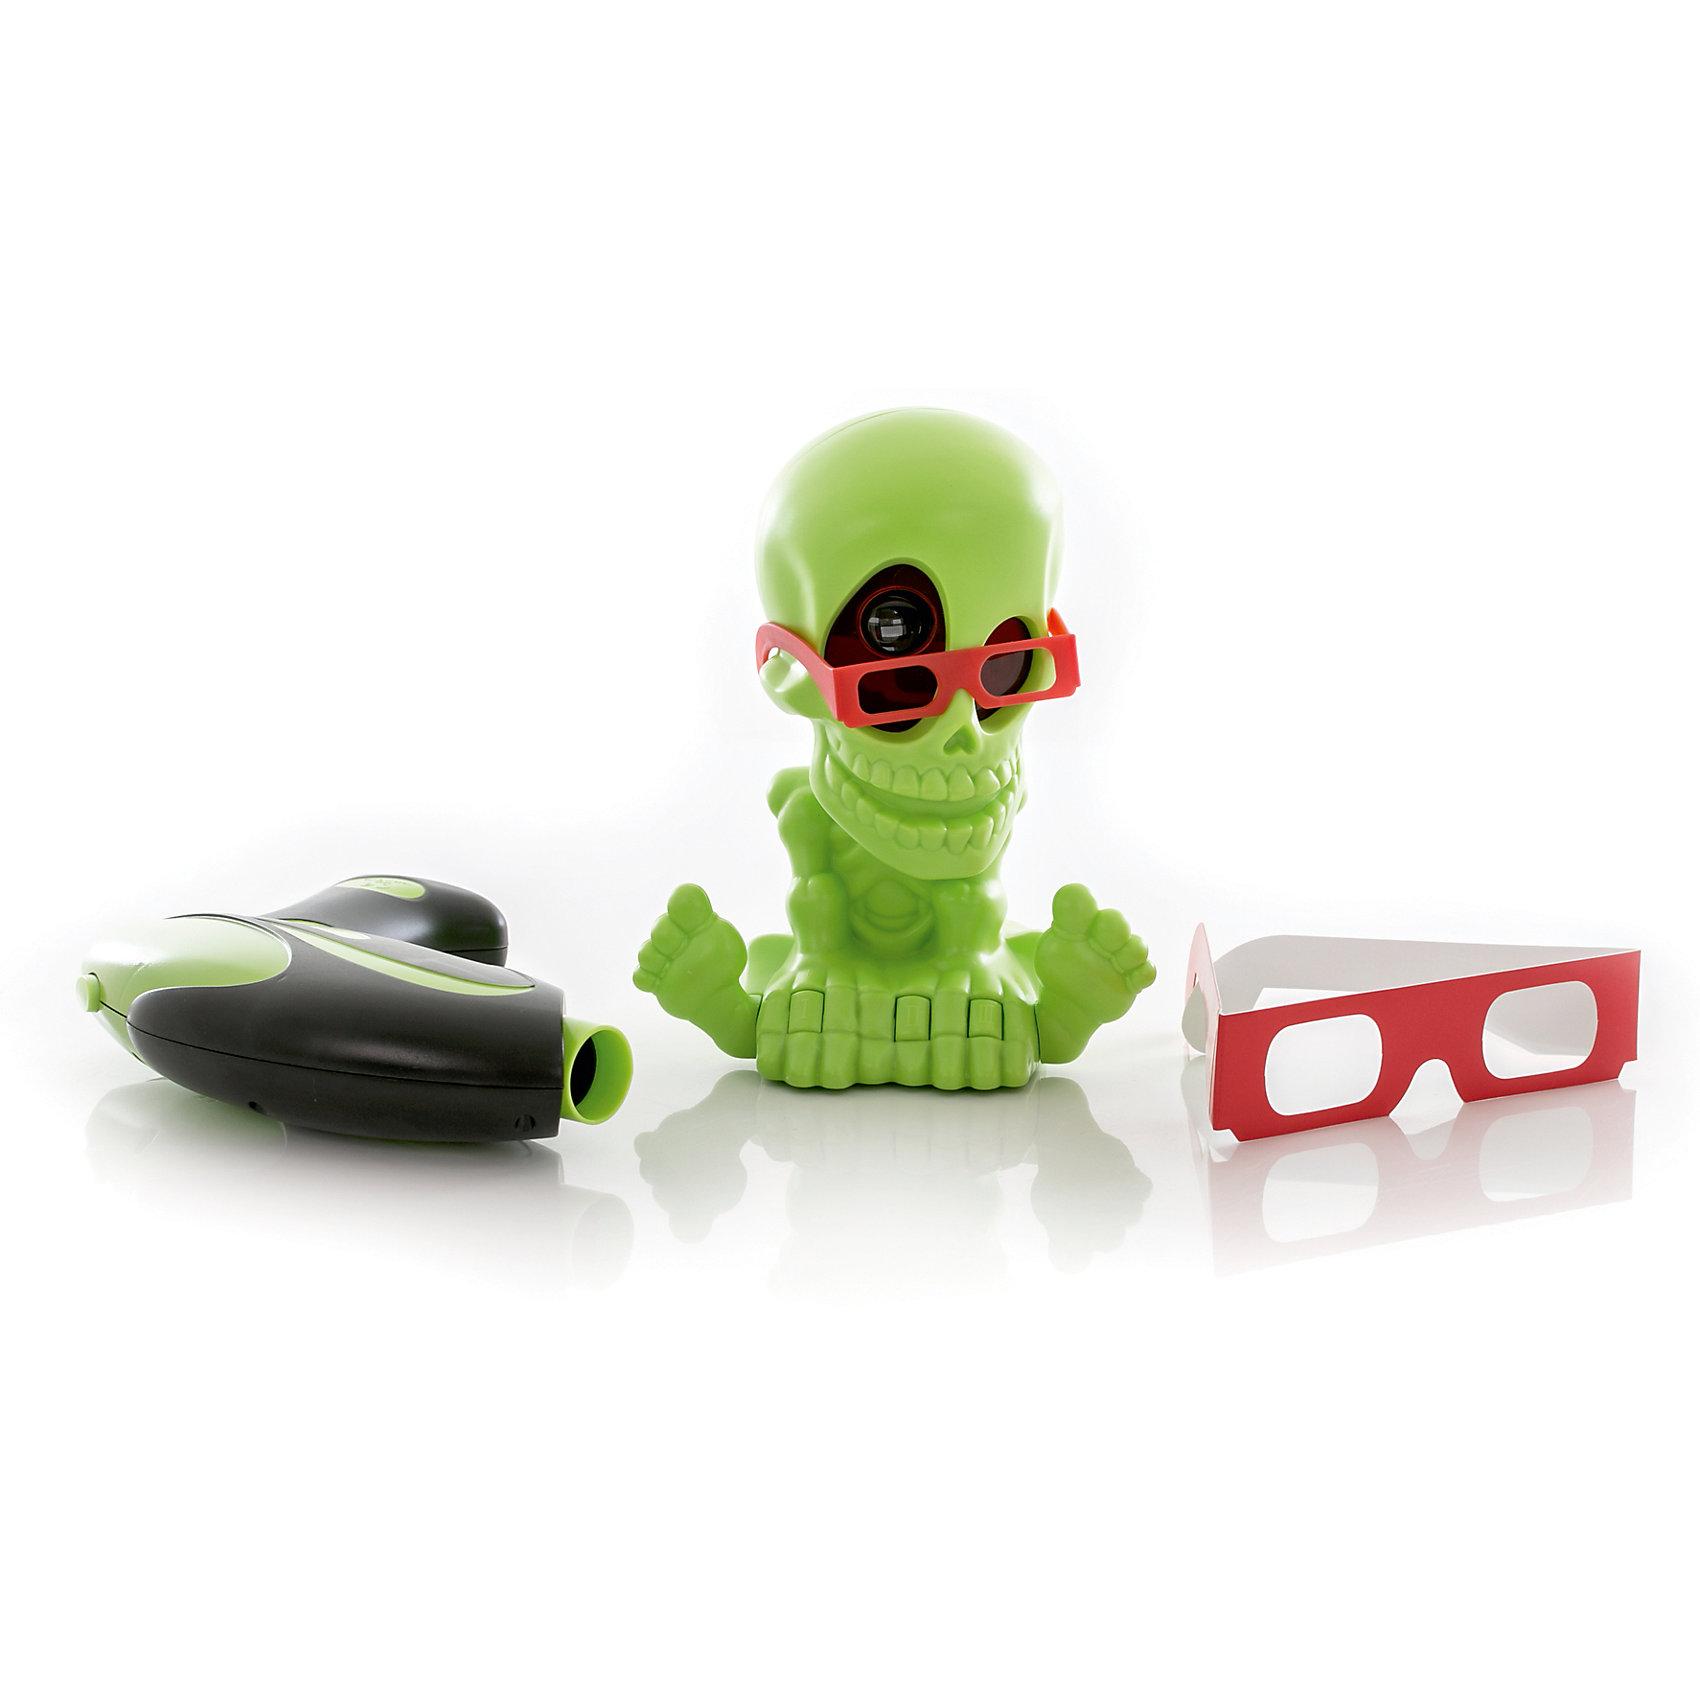 - Проекционный 3D Тир Джонни-Черепок  с 1 бластером проекционный тир джонни черепок с 2 мя бластерами johnny the skull